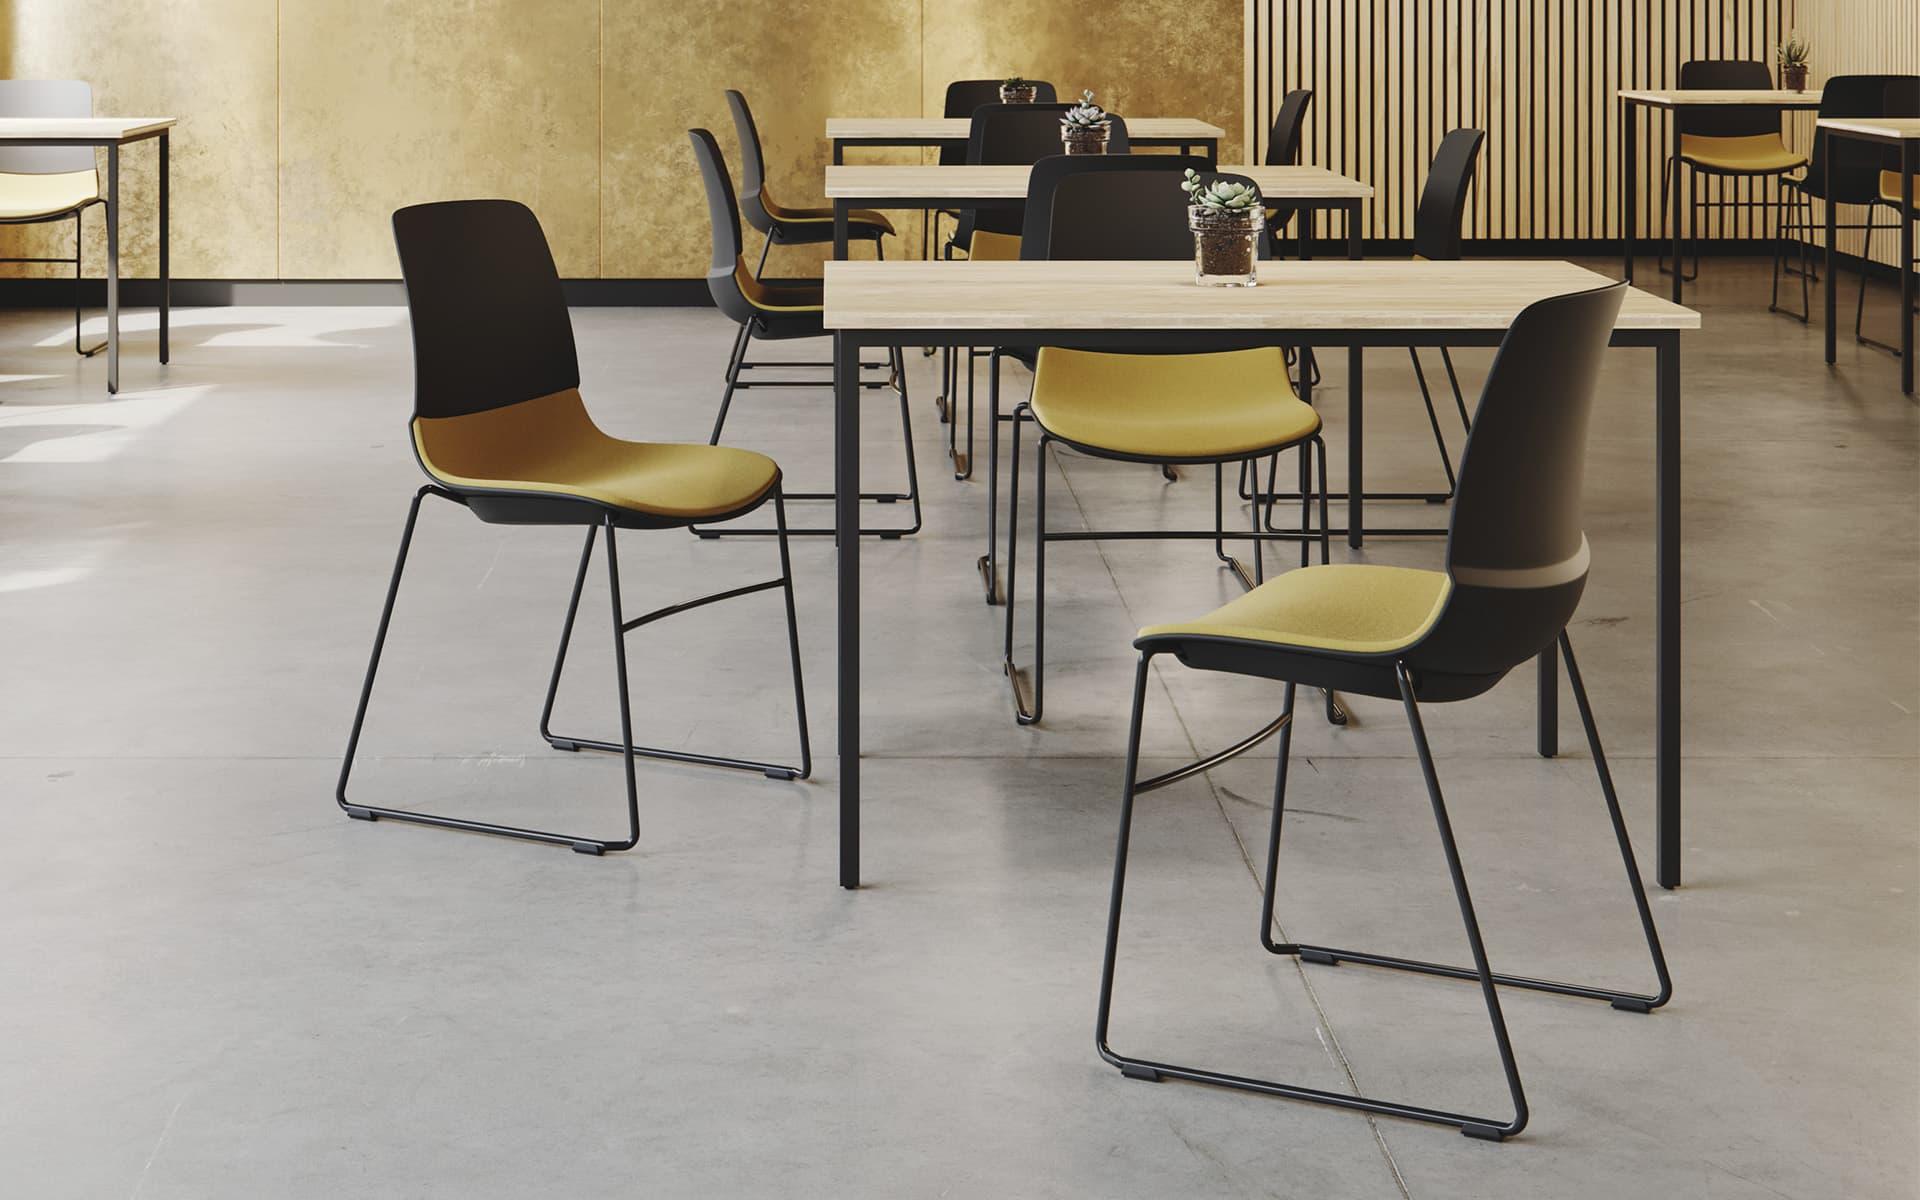 Mehrere Patra Mika Mehrzweckstühle von ITO Design in schwarz mit ockerfarbenem Bezug in einer modernen Cafeteria